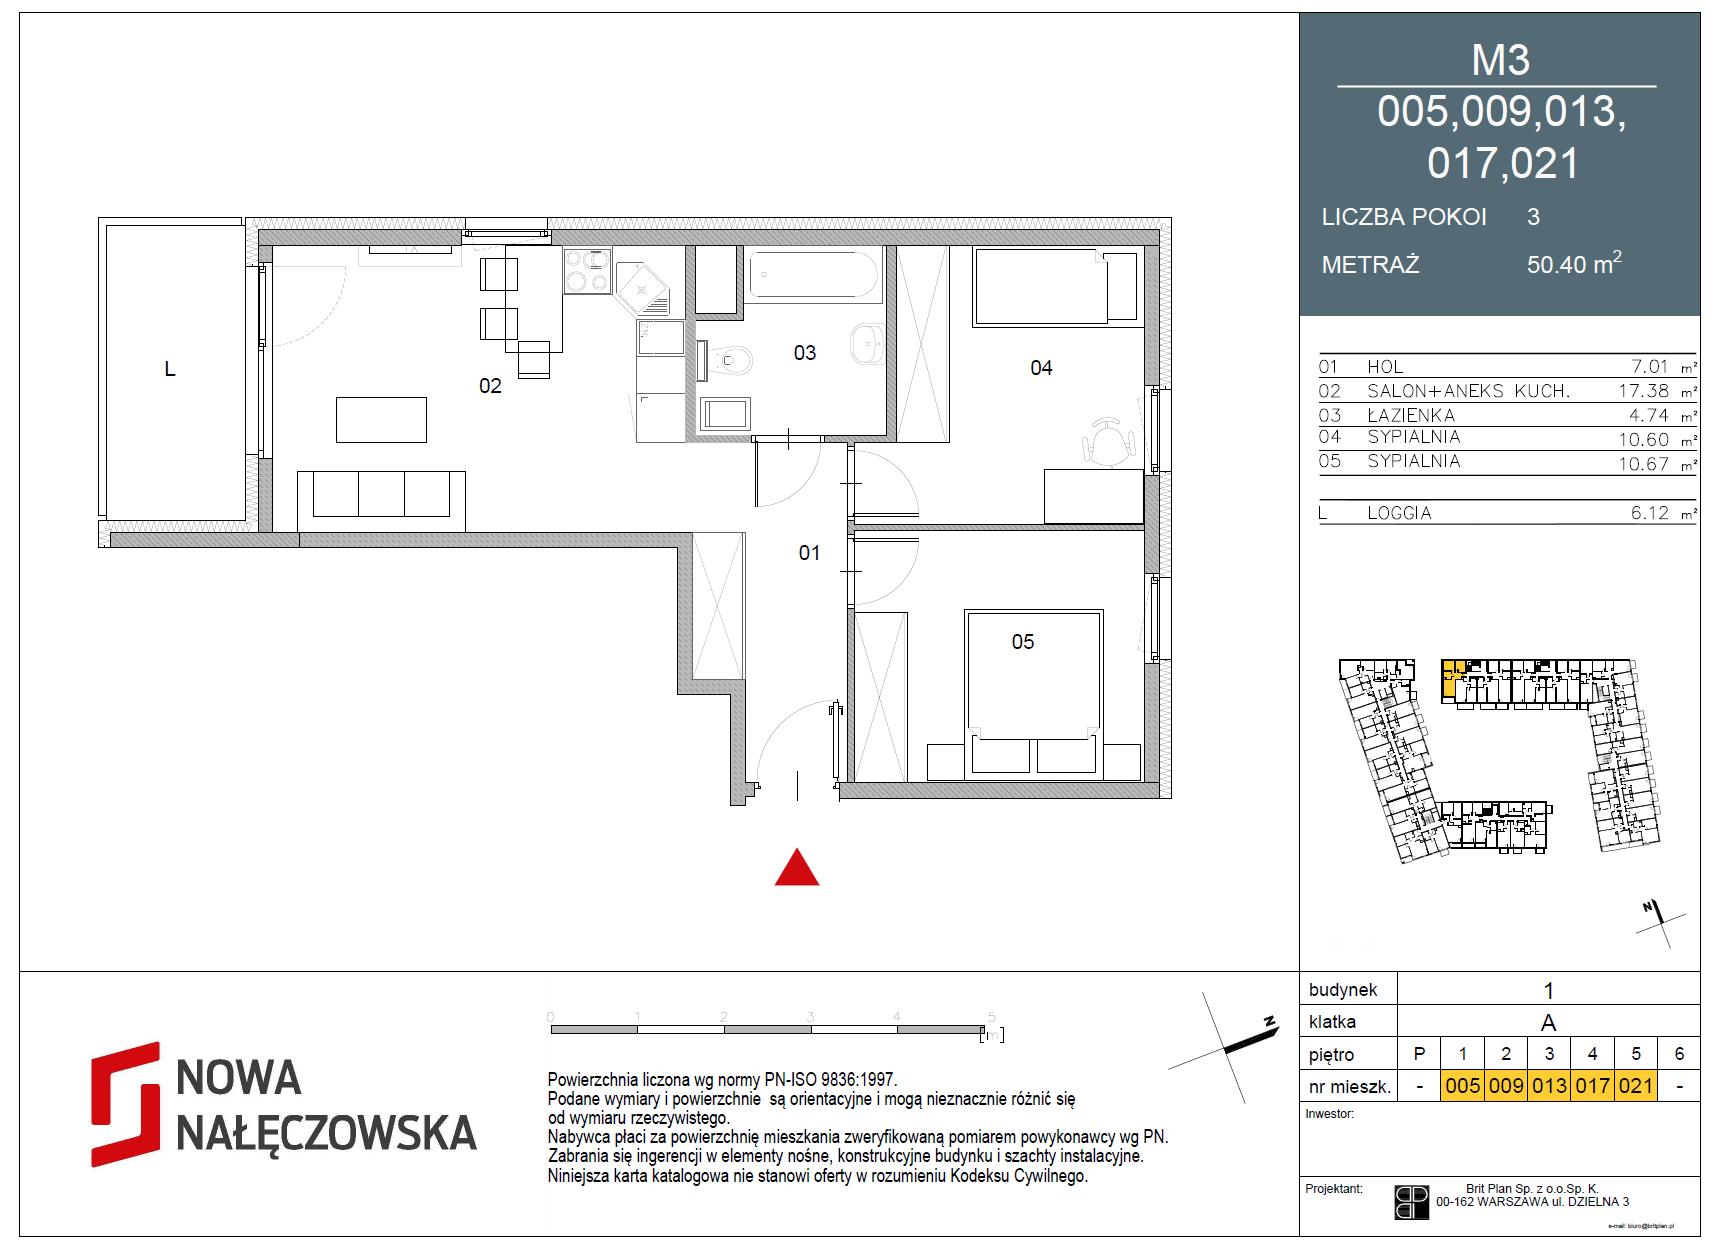 Mieszkanie numer 005